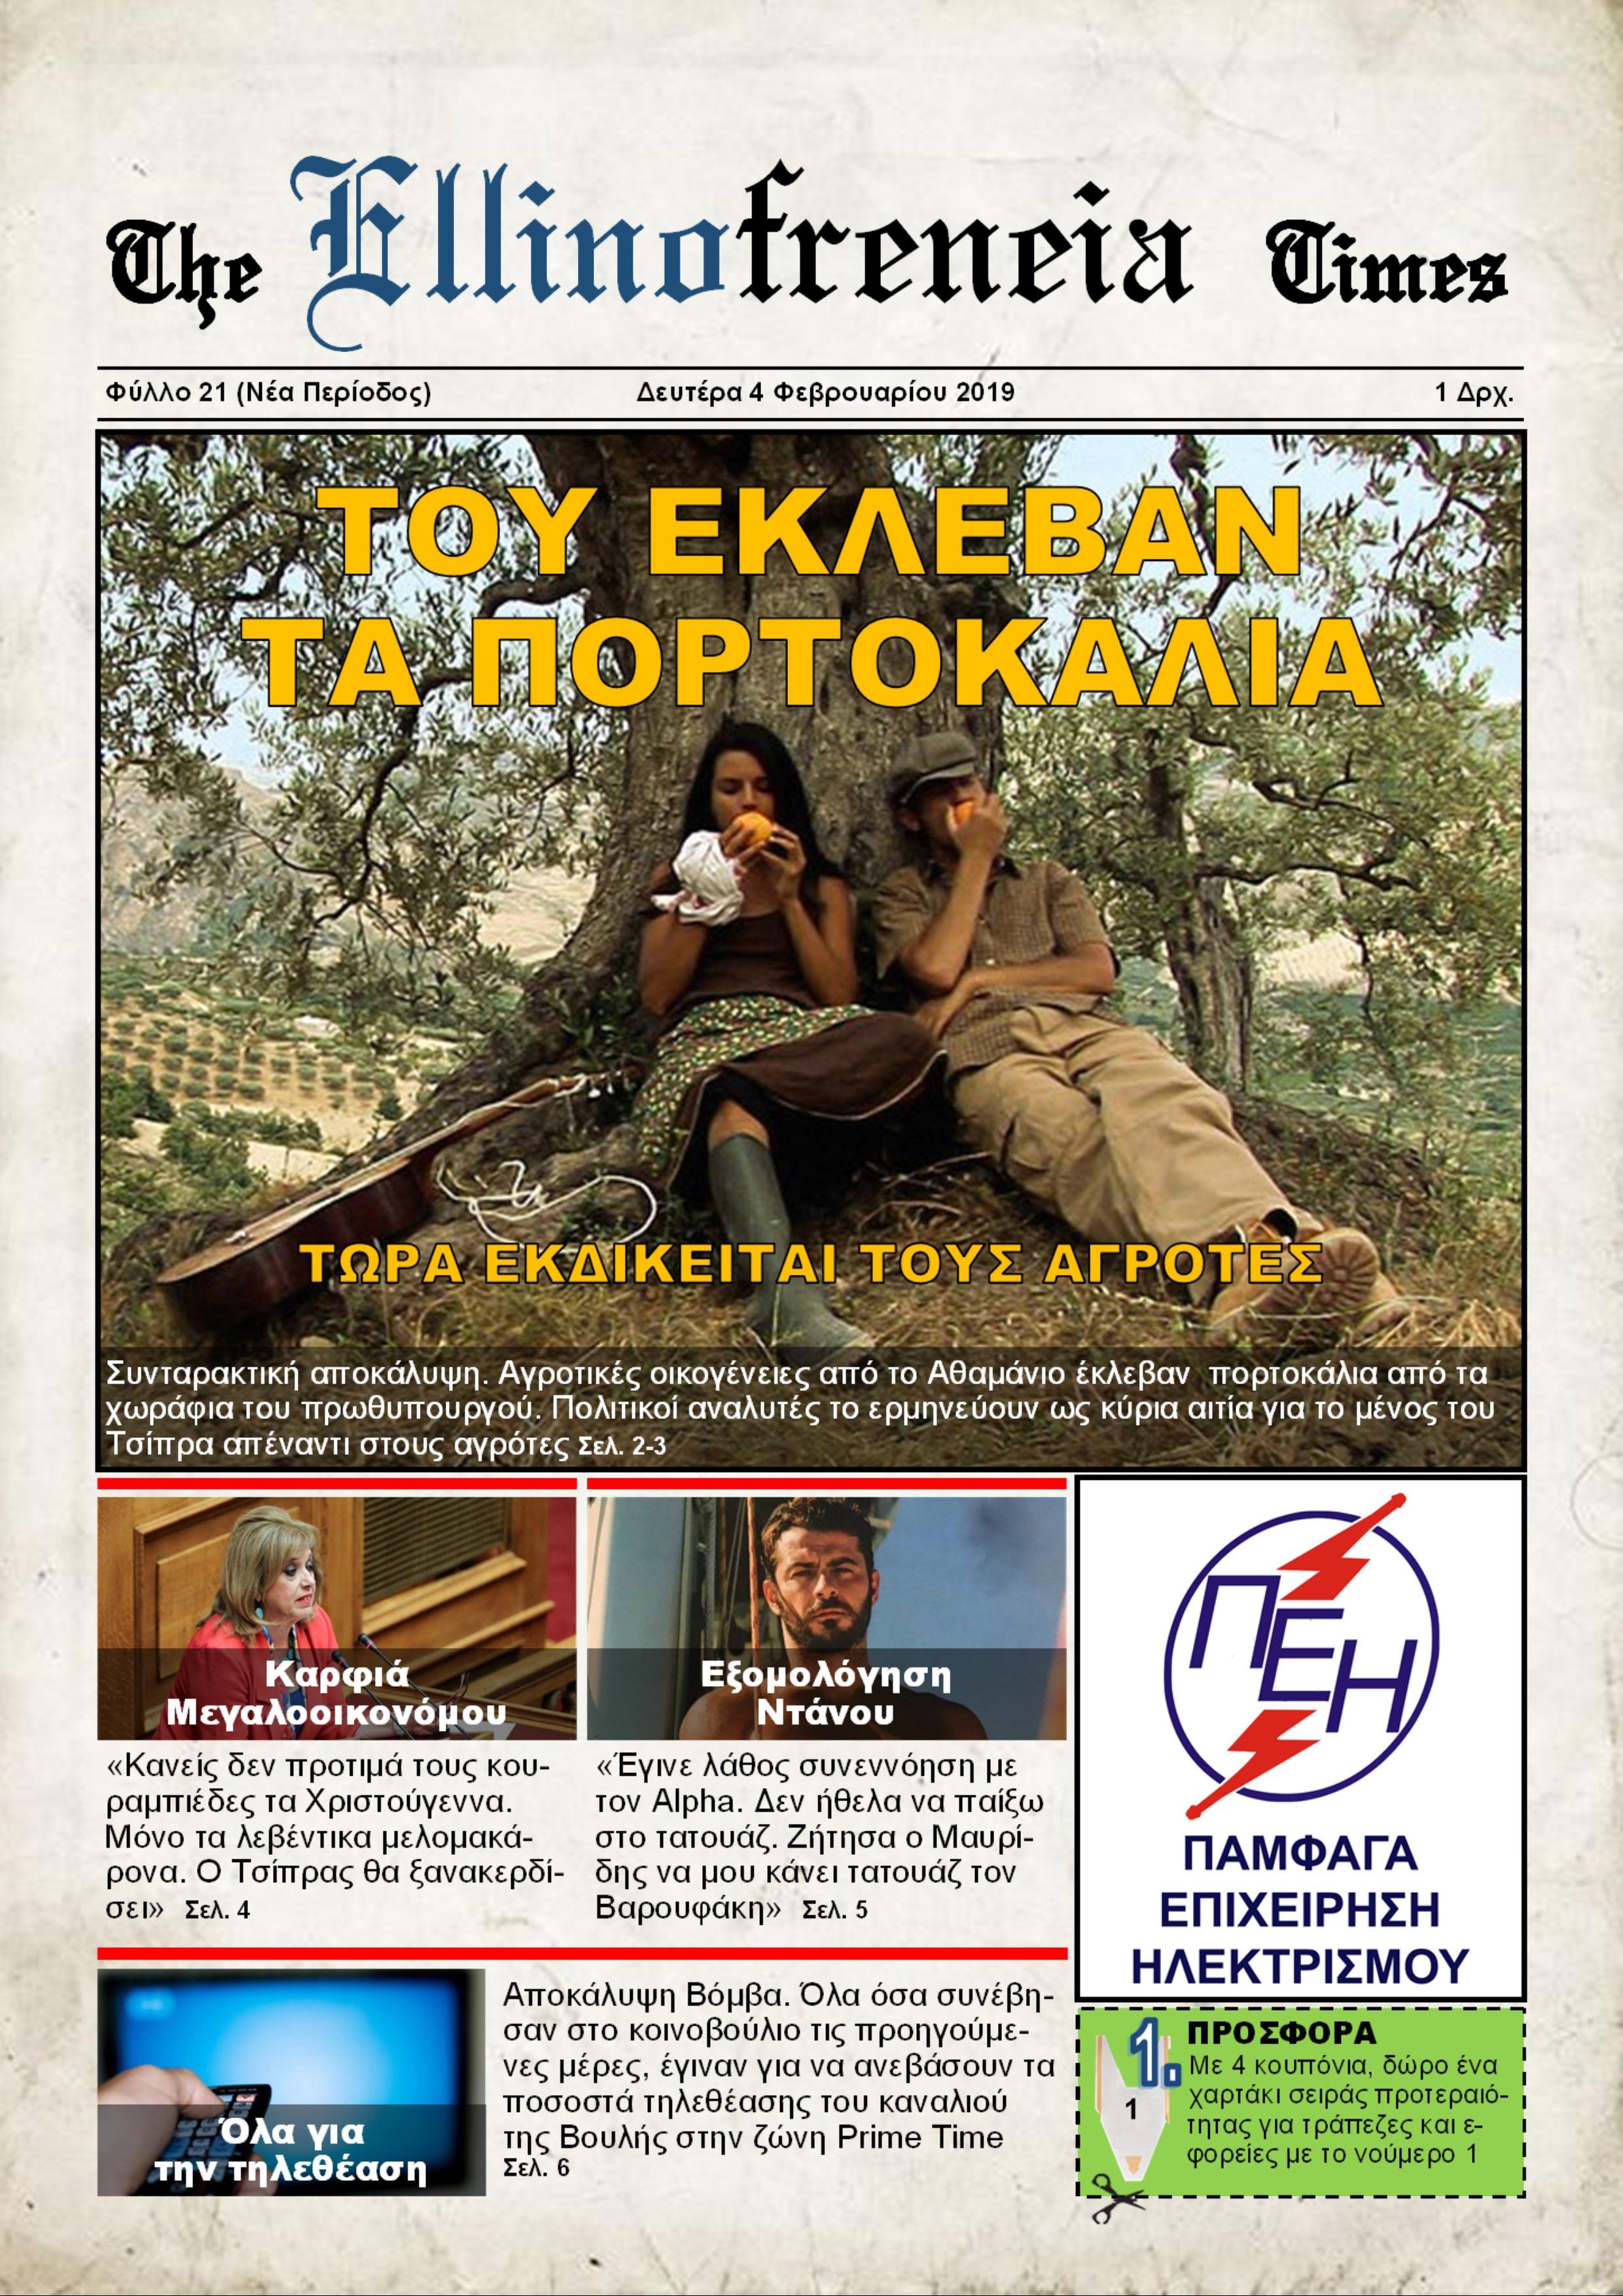 06770e7c391 Ellinofreneia Times - Ελληνοφρένεια